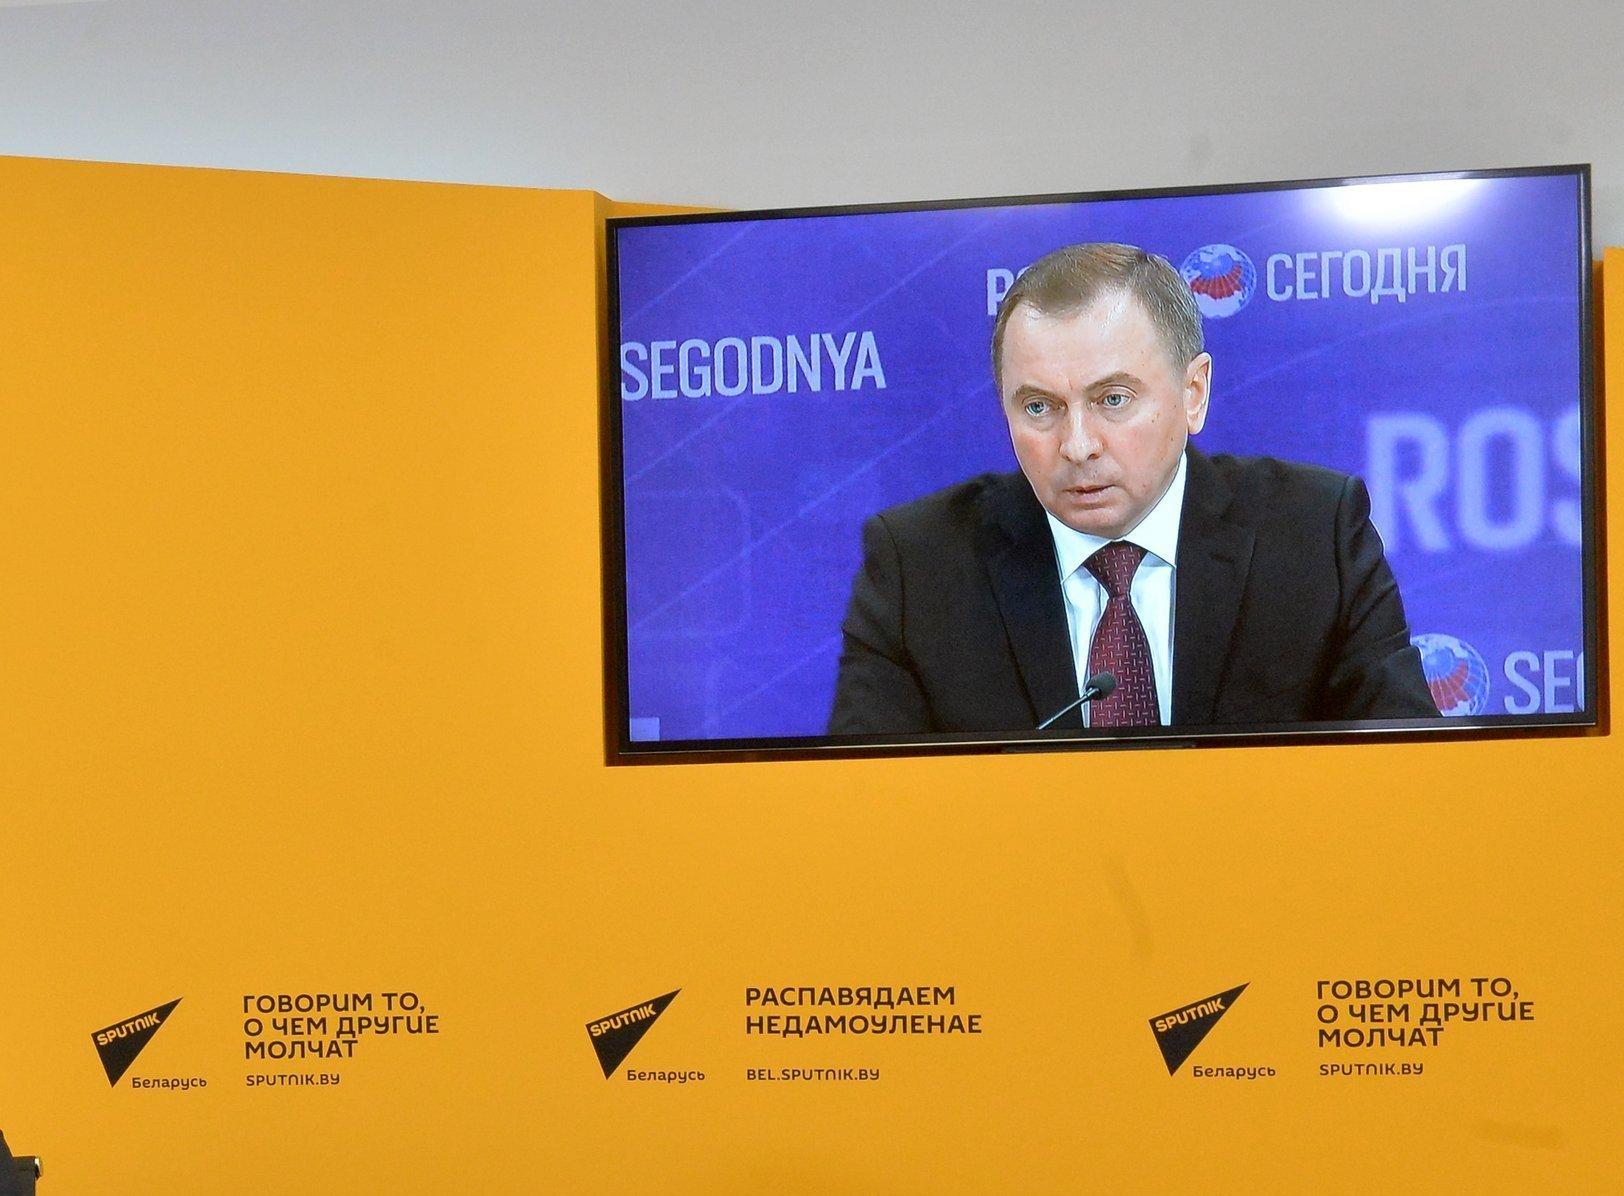 Пресс-конференция в формате видеомоста Москва-Минск с участием главы МИД Владимира Макея